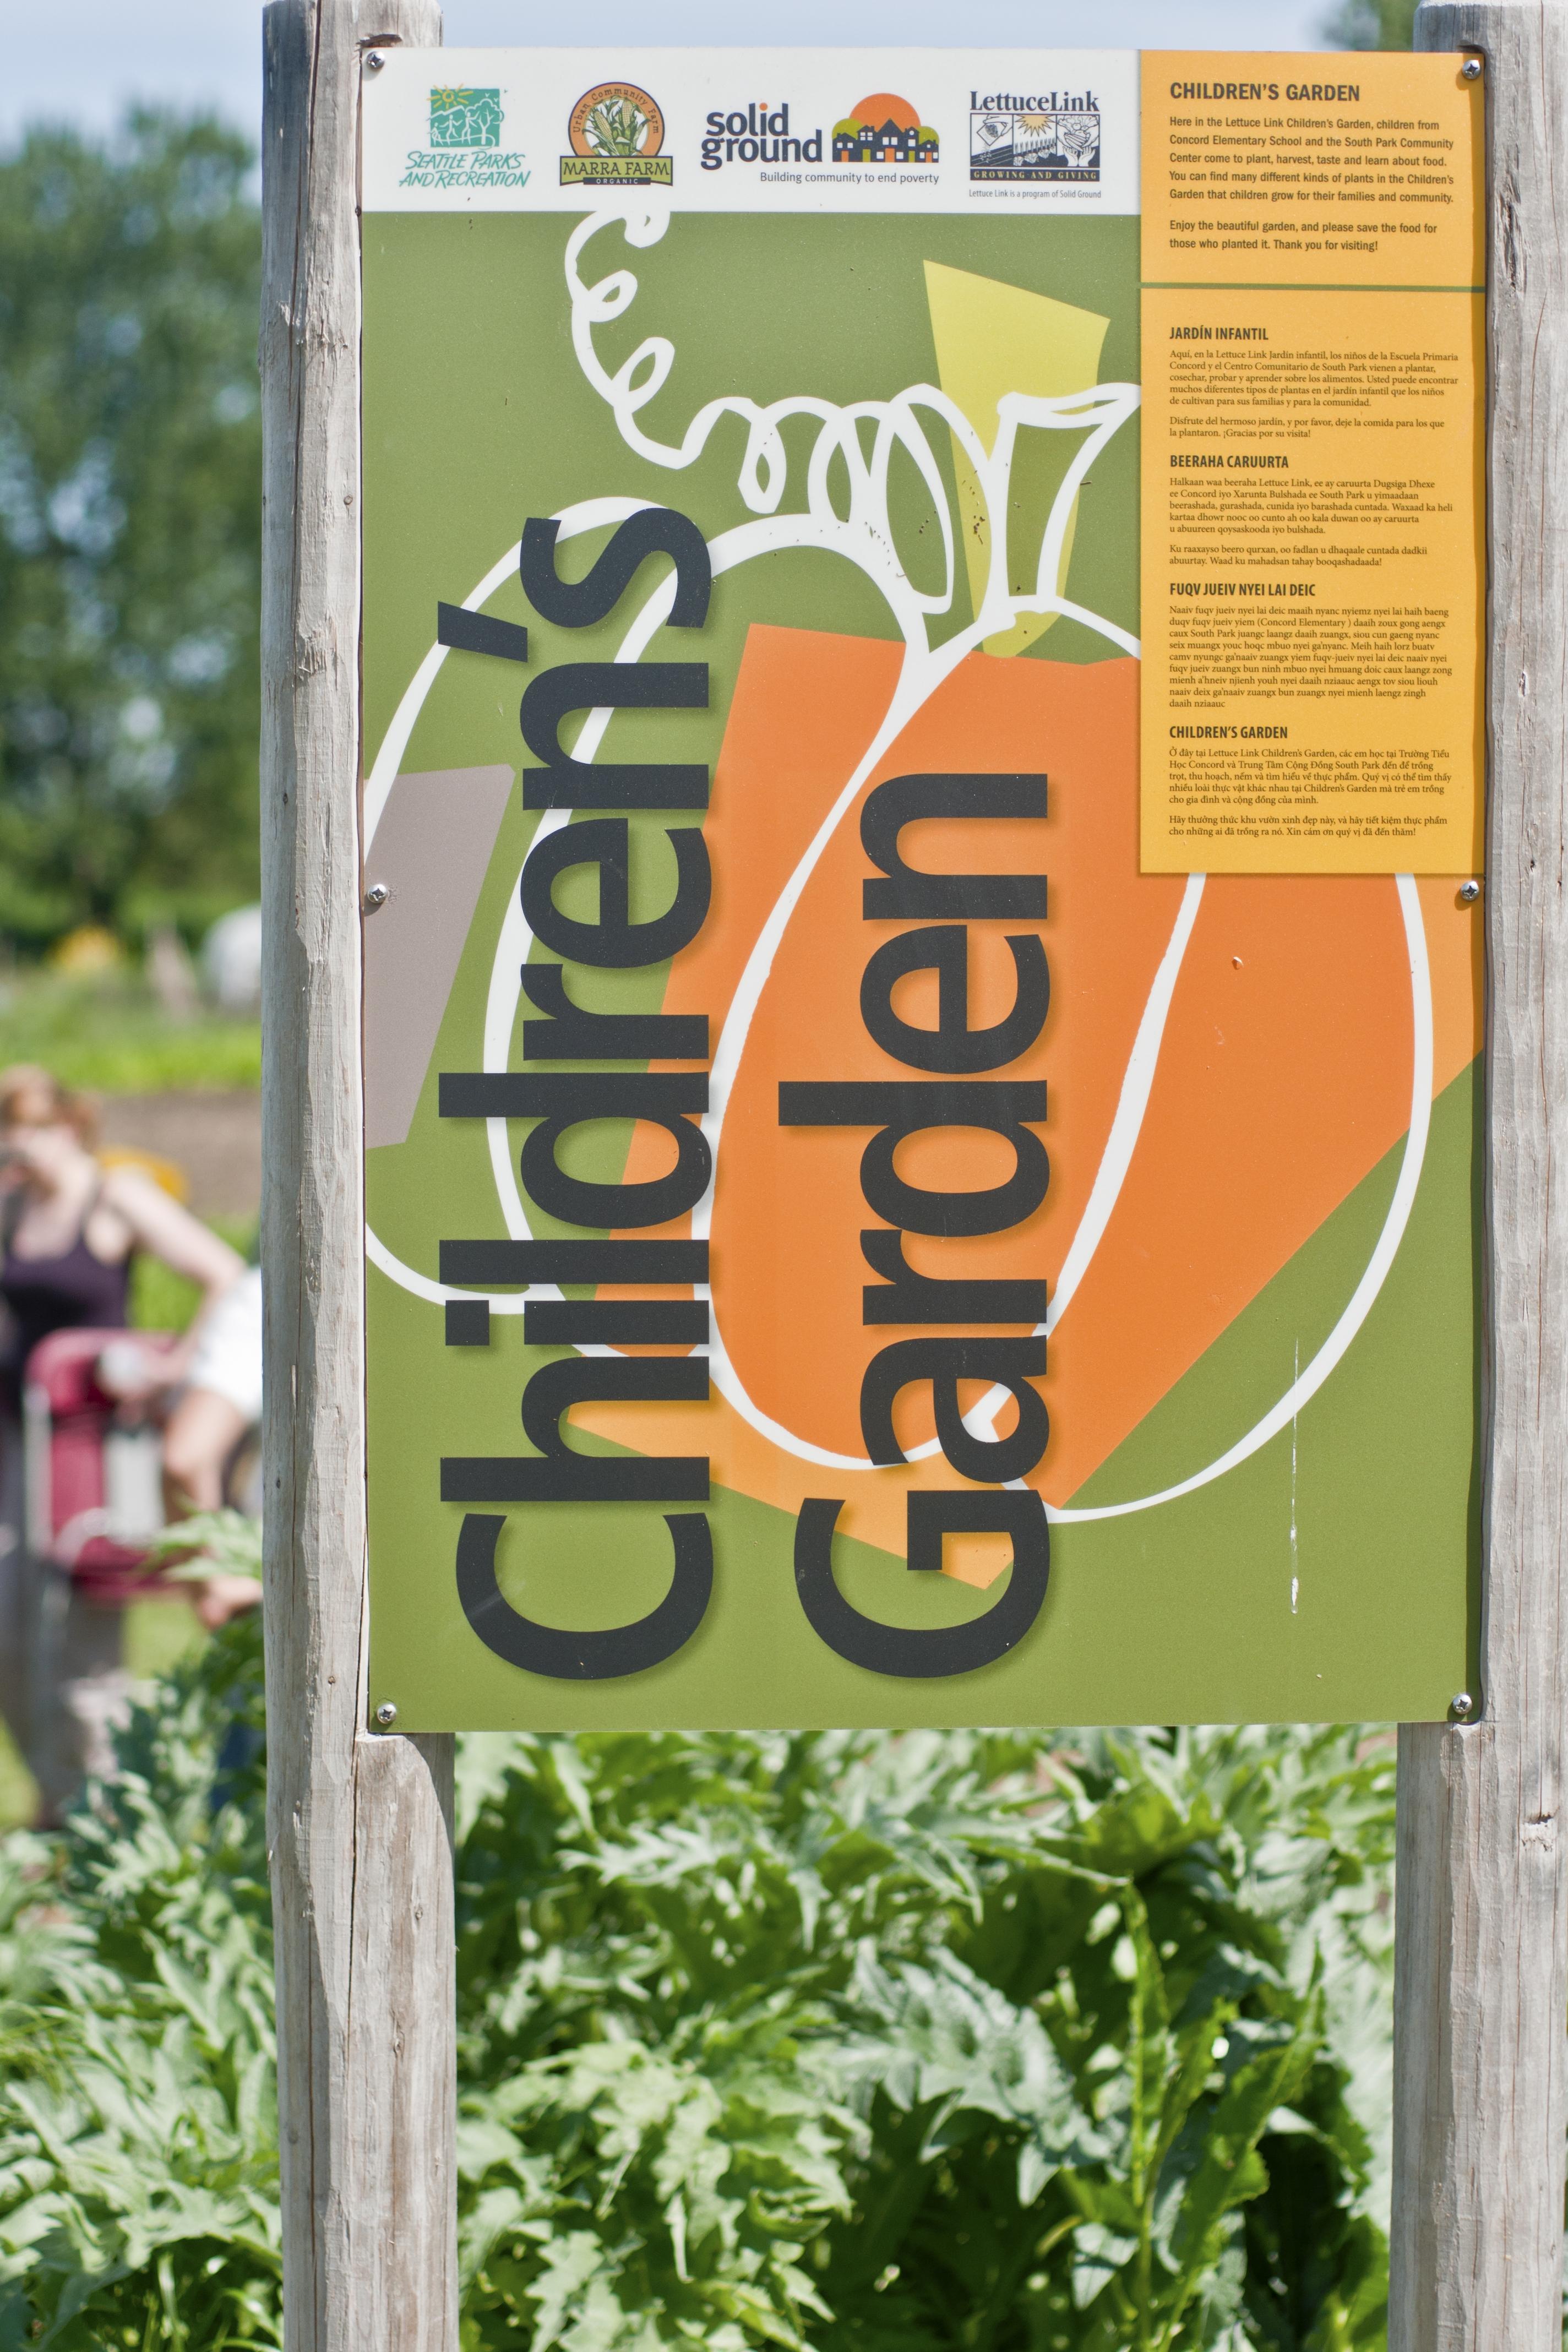 Children's Garden sign at Marra Farm